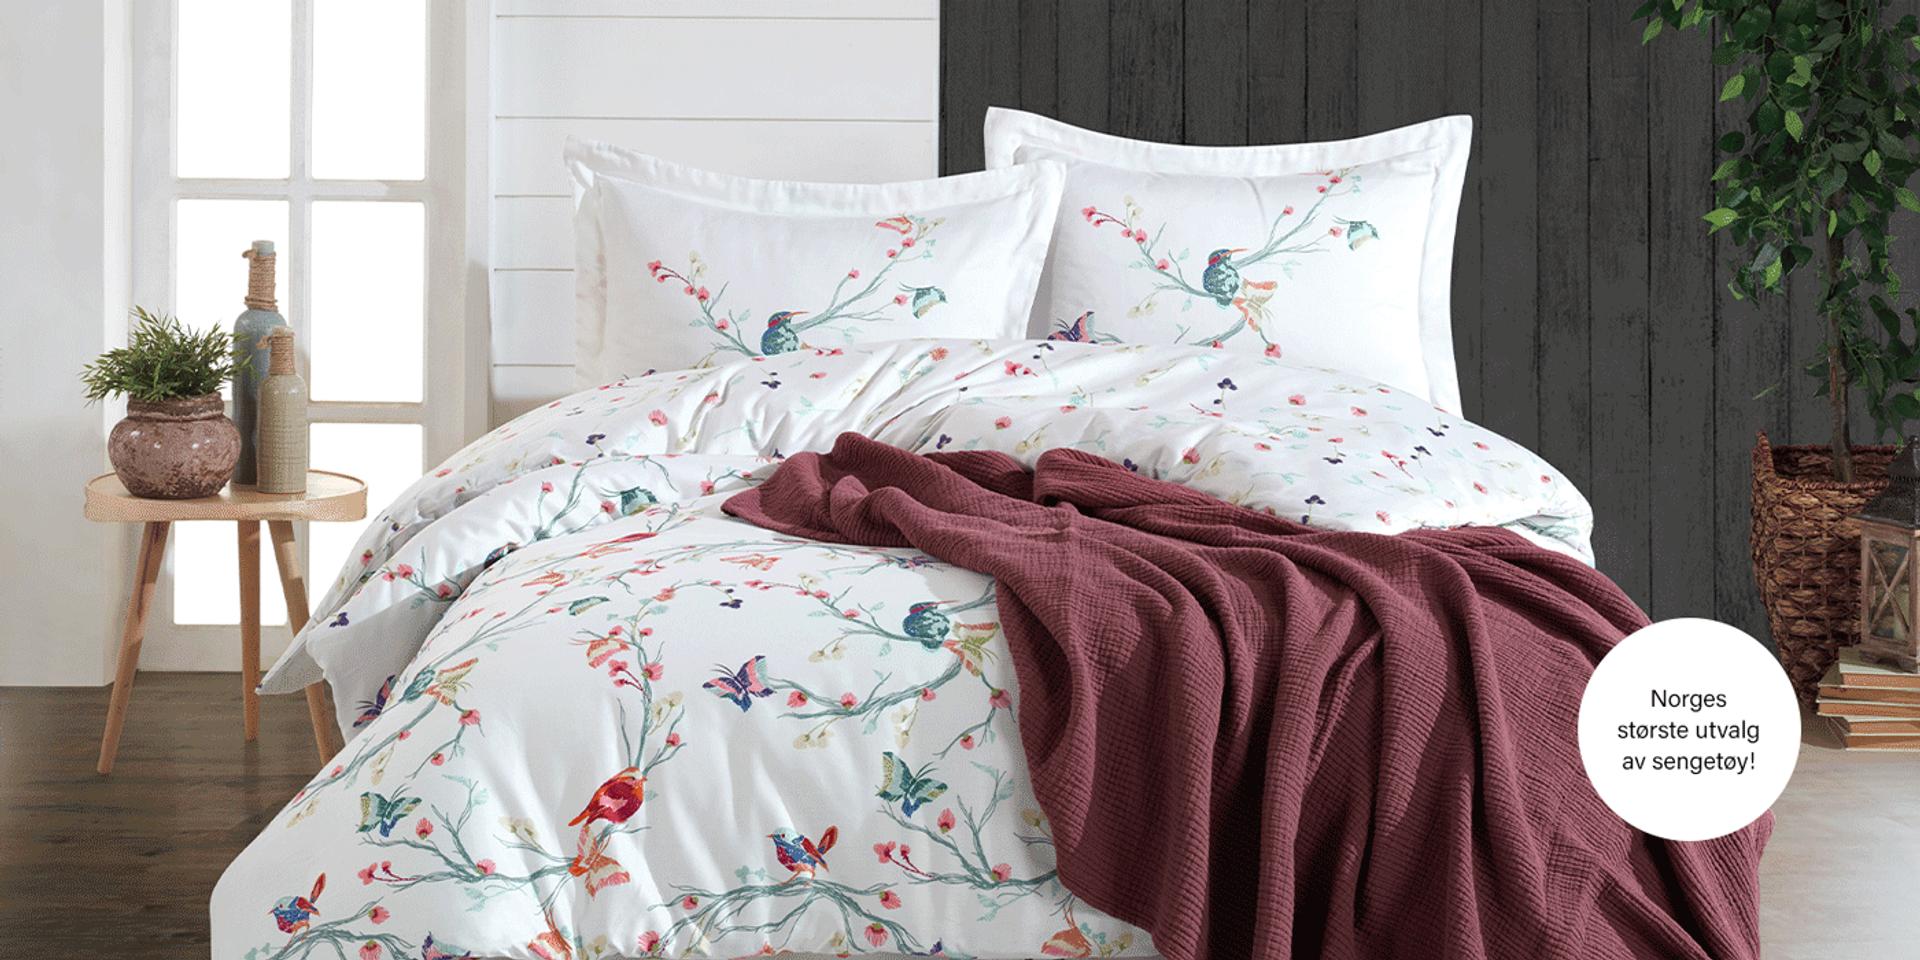 Norges største utvalg av sengetøy